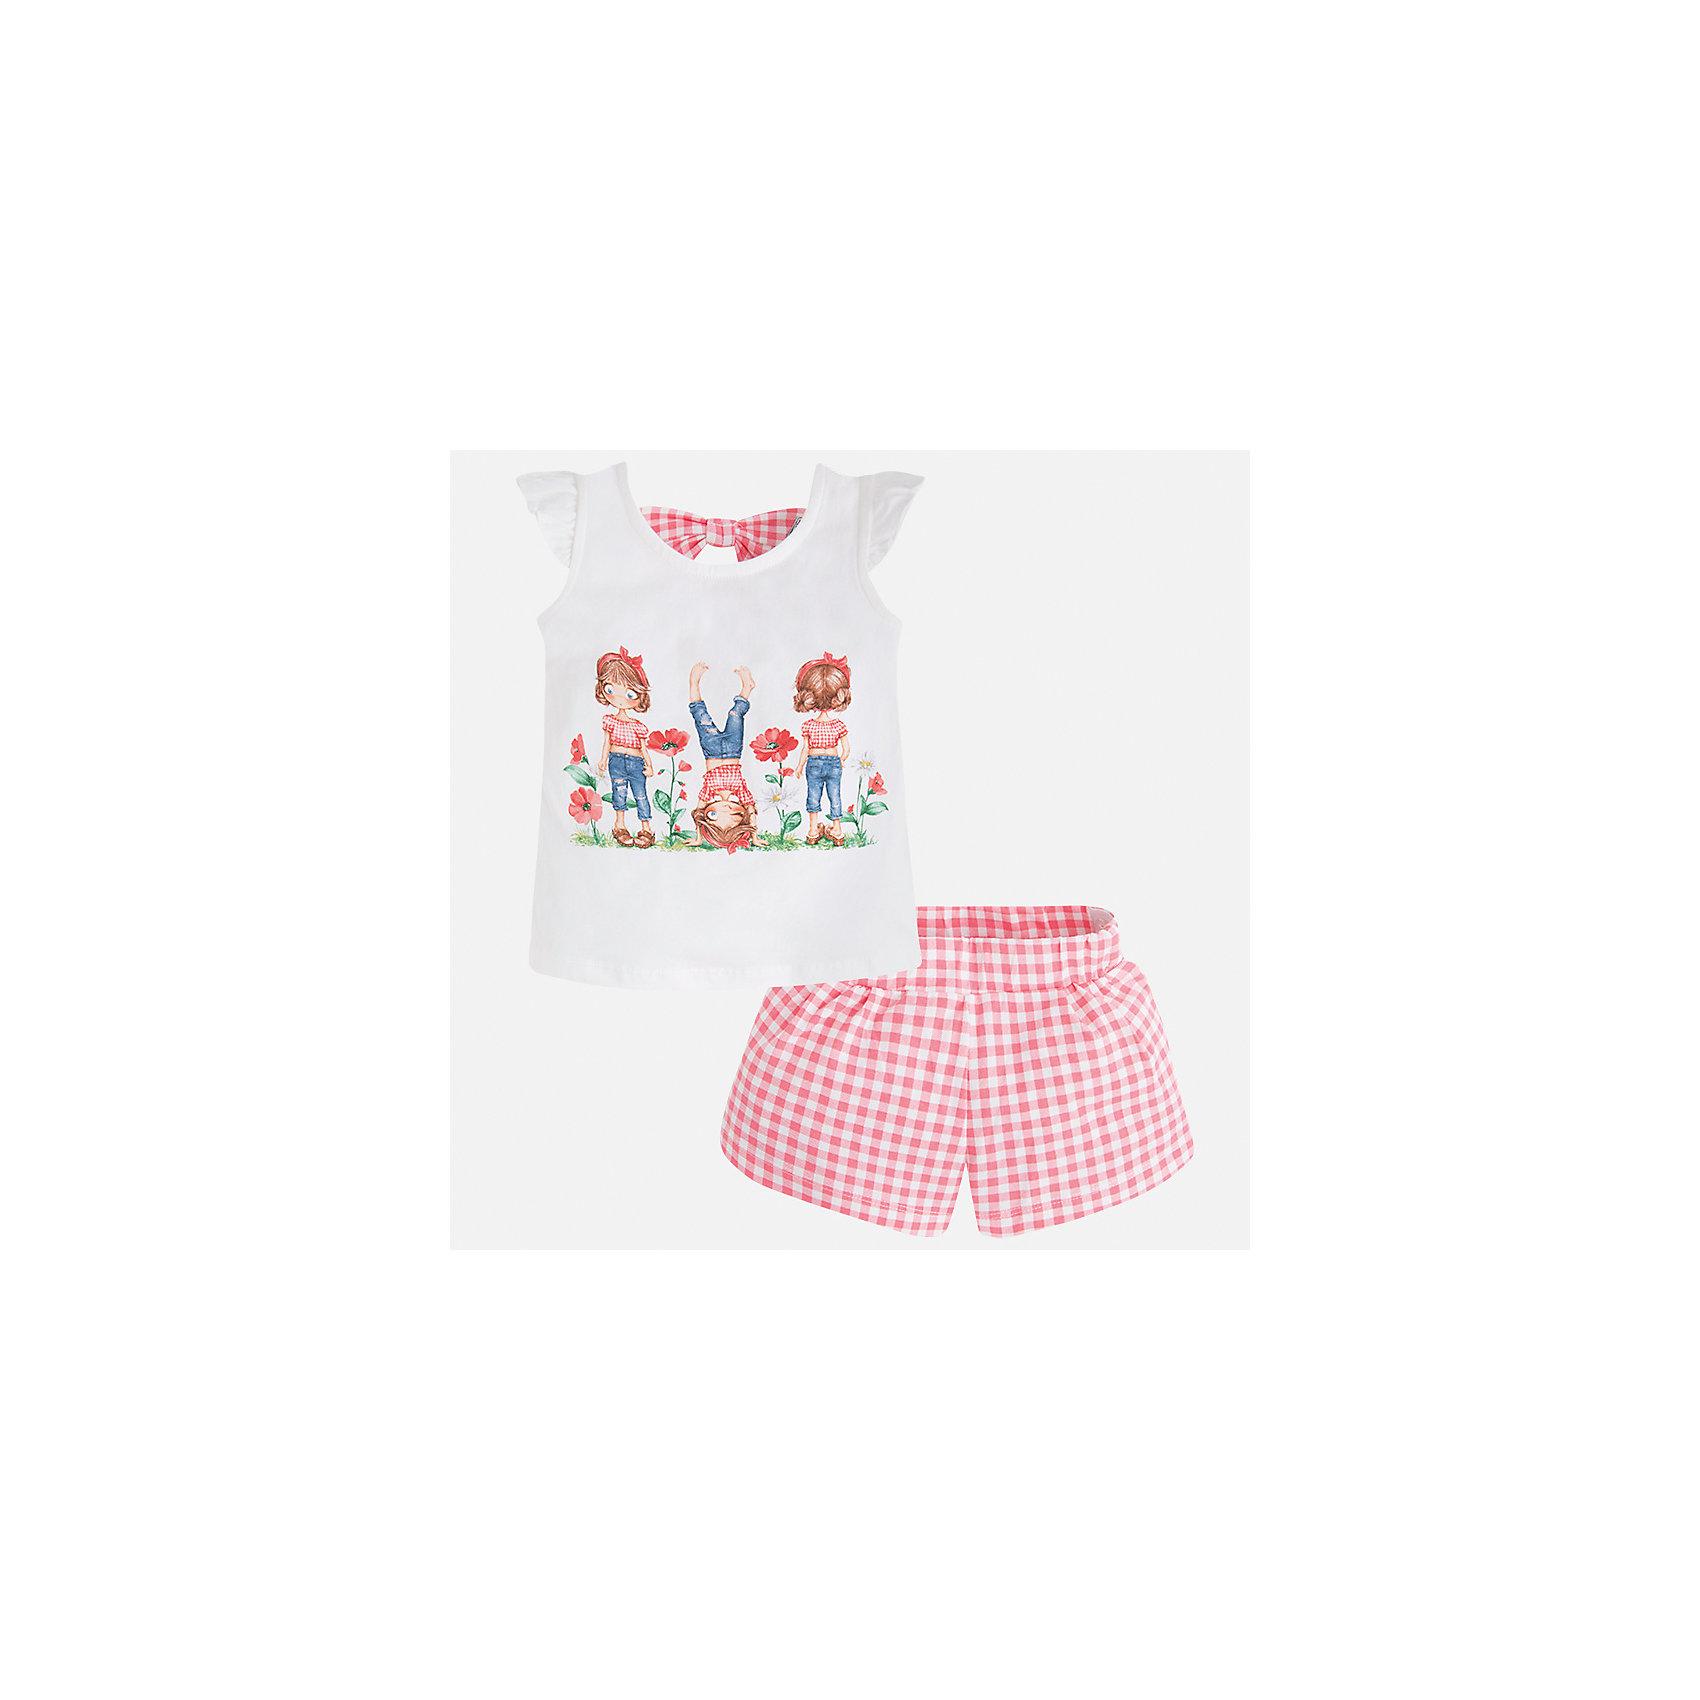 Комплект: футболка и шорты для девочки MayoralКомплекты<br>Характеристики товара:<br><br>• цвет: белый/красный<br>• состав: 95% хлопок, 5% эластан<br>• комплектация: футболка, шорты<br>• футболка декорирована принтом<br>• шорты в клетку<br>• пояс на резинке<br>• страна бренда: Испания<br><br>Стильный качественный комплект для девочки поможет разнообразить гардероб ребенка и удобно одеться в теплую погоду. Он отлично сочетается с другими предметами. Универсальный цвет позволяет подобрать к вещам верхнюю одежду практически любой расцветки. Интересная отделка модели делает её нарядной и оригинальной. В составе материала - натуральный хлопок, гипоаллергенный, приятный на ощупь, дышащий.<br><br>Одежда, обувь и аксессуары от испанского бренда Mayoral полюбились детям и взрослым по всему миру. Модели этой марки - стильные и удобные. Для их производства используются только безопасные, качественные материалы и фурнитура. Порадуйте ребенка модными и красивыми вещами от Mayoral! <br><br>Комплект для девочки от испанского бренда Mayoral (Майорал) можно купить в нашем интернет-магазине.<br><br>Ширина мм: 191<br>Глубина мм: 10<br>Высота мм: 175<br>Вес г: 273<br>Цвет: оранжевый<br>Возраст от месяцев: 18<br>Возраст до месяцев: 24<br>Пол: Женский<br>Возраст: Детский<br>Размер: 92,134,98,104,110,116,122,128<br>SKU: 5289857